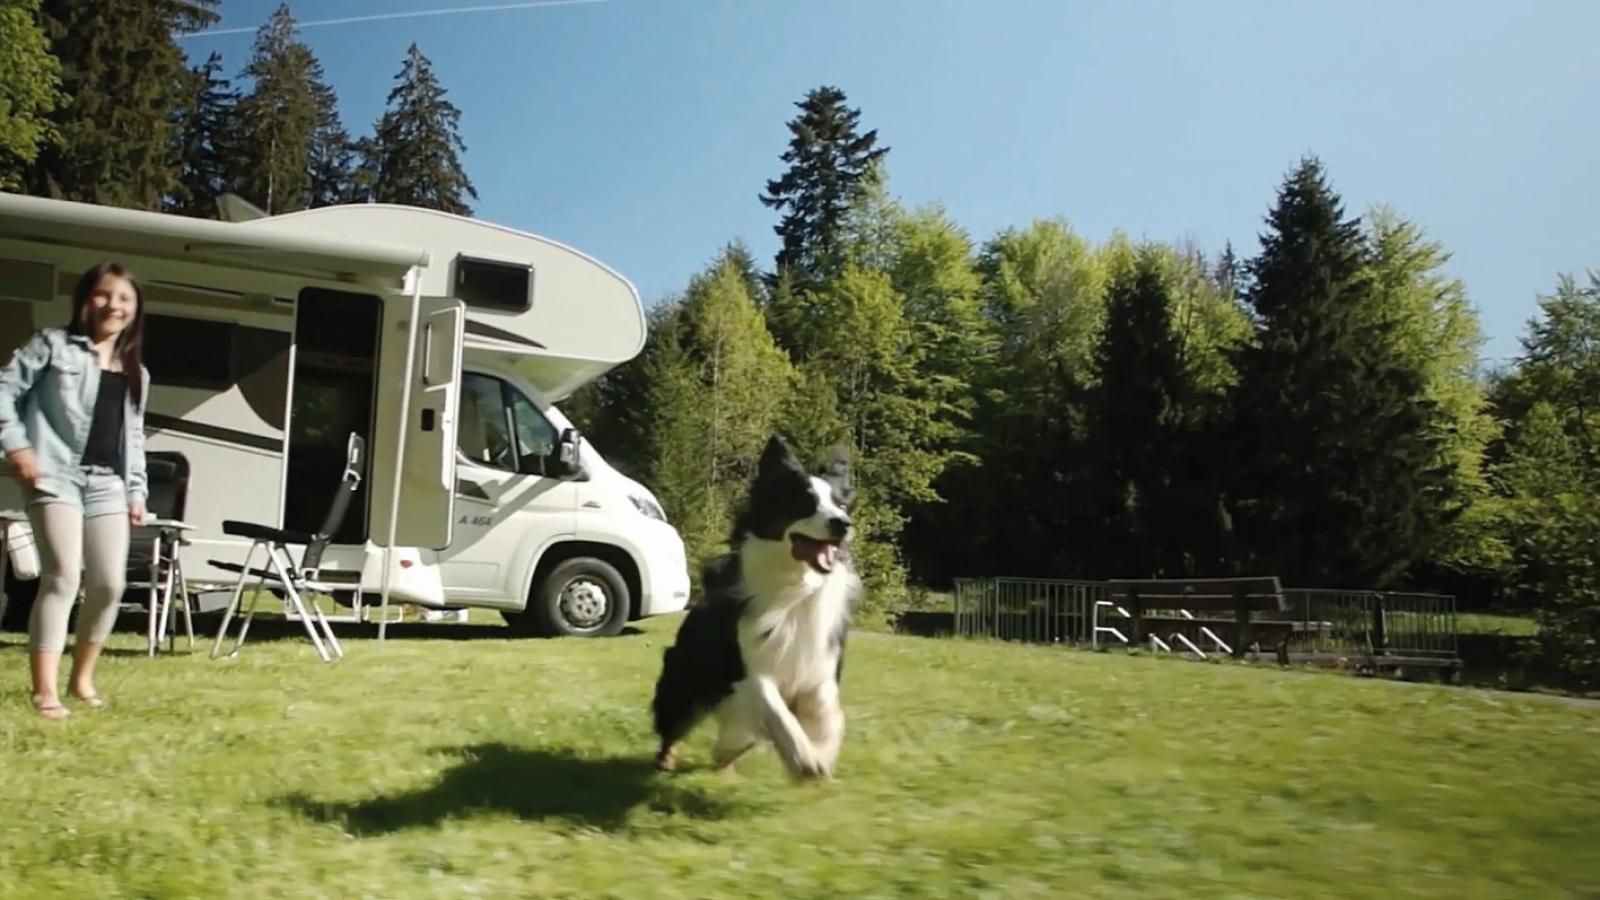 tierisch gut unterwegs tipps zum reisen mit tieren wohnmobil wohnmobilreise reisenmittieren. Black Bedroom Furniture Sets. Home Design Ideas